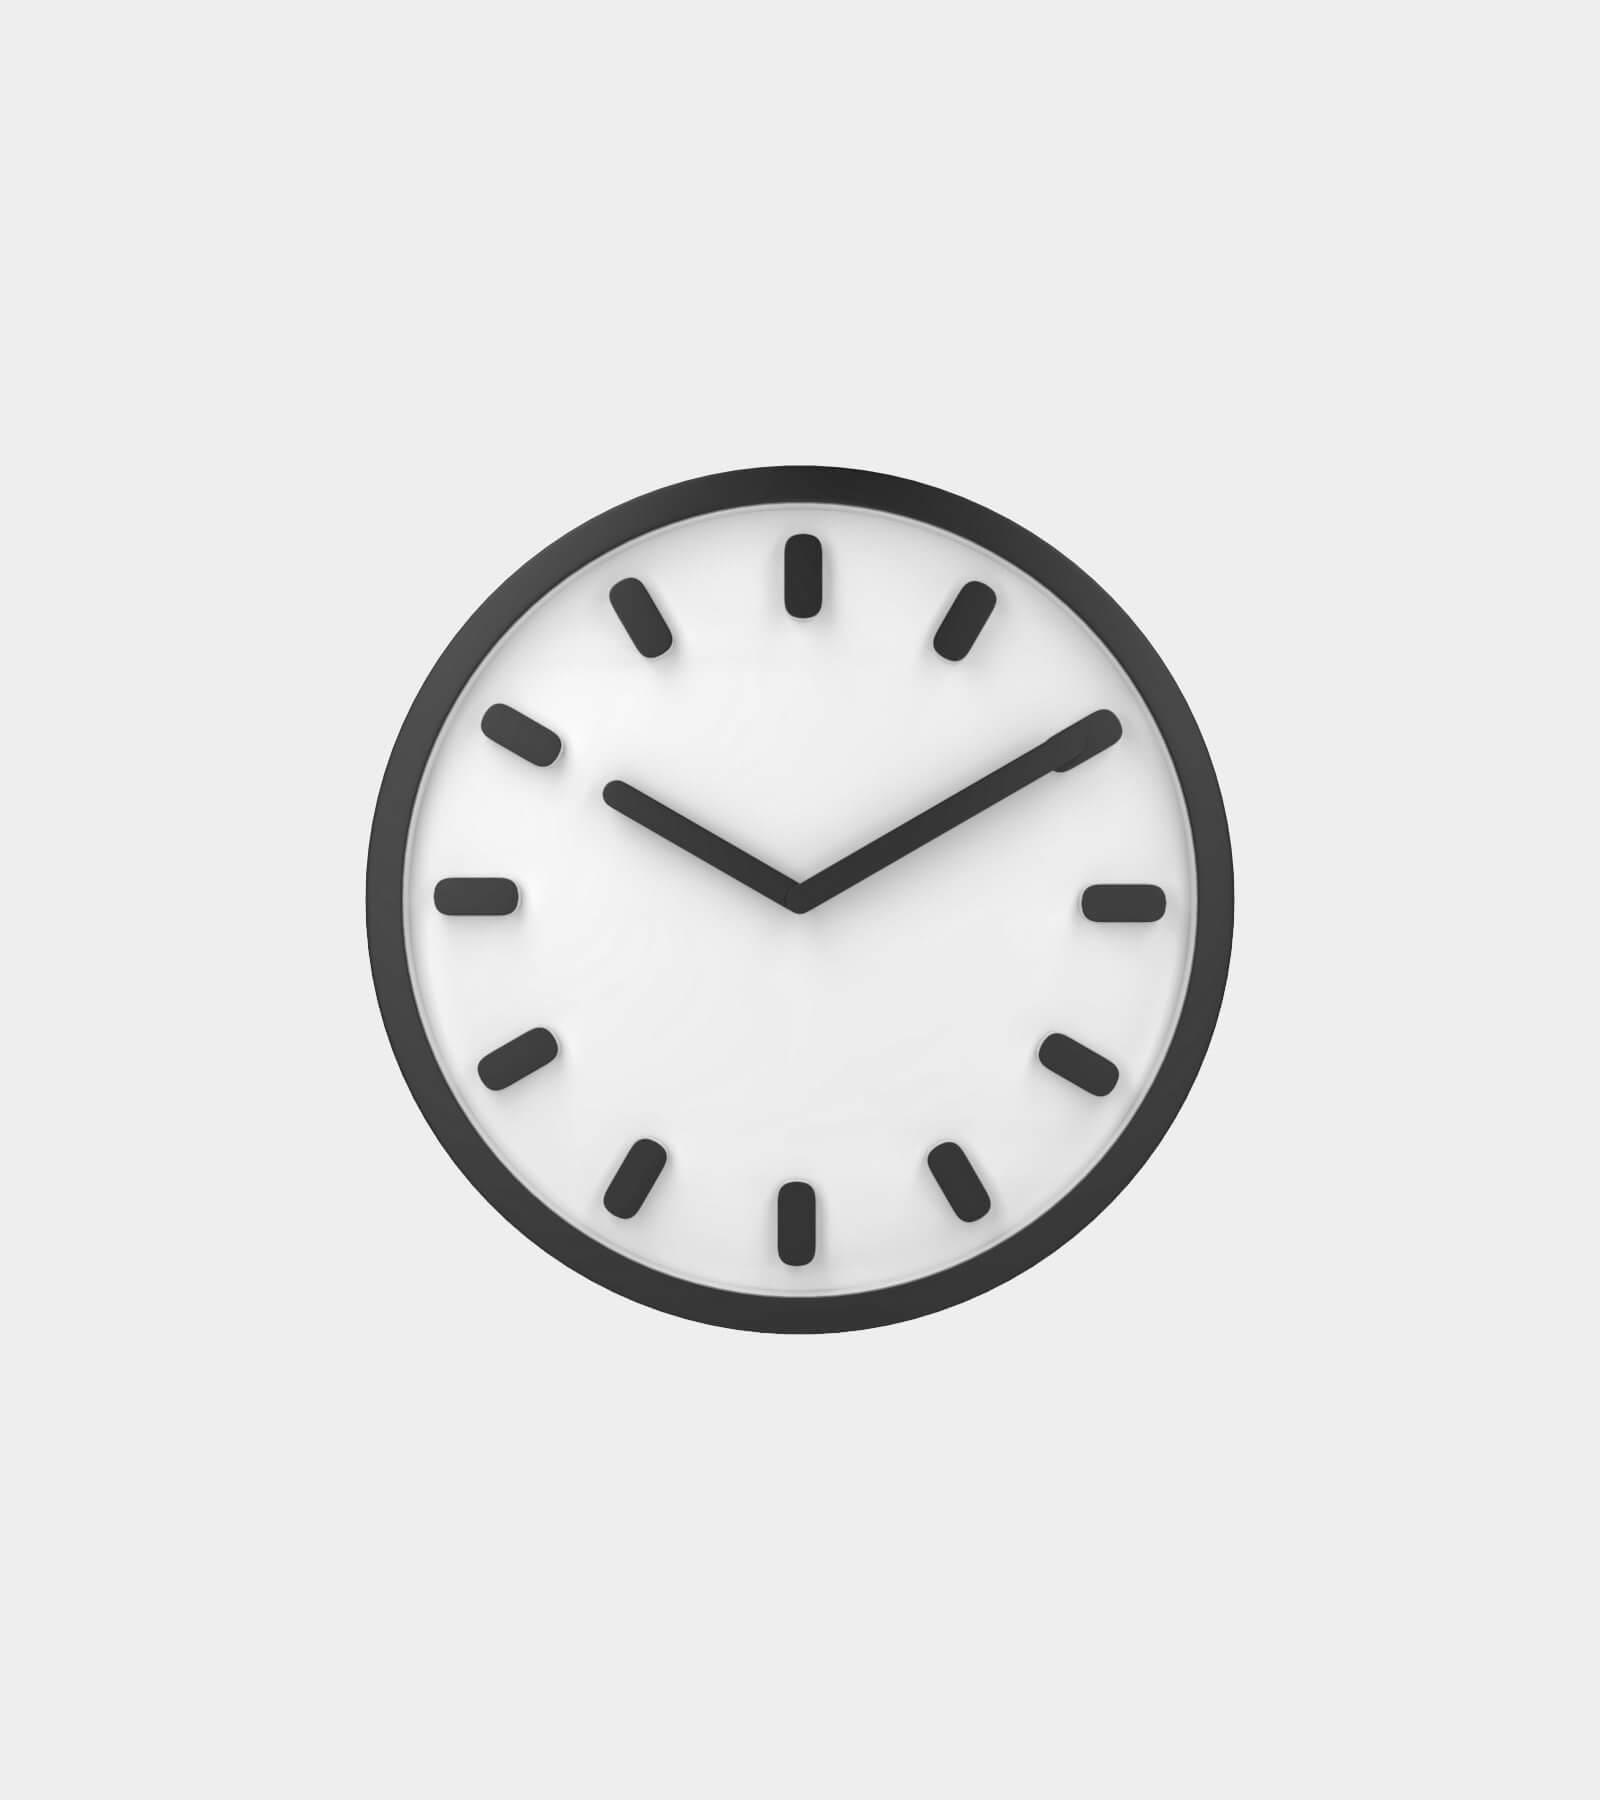 Wall clock- 3D Model